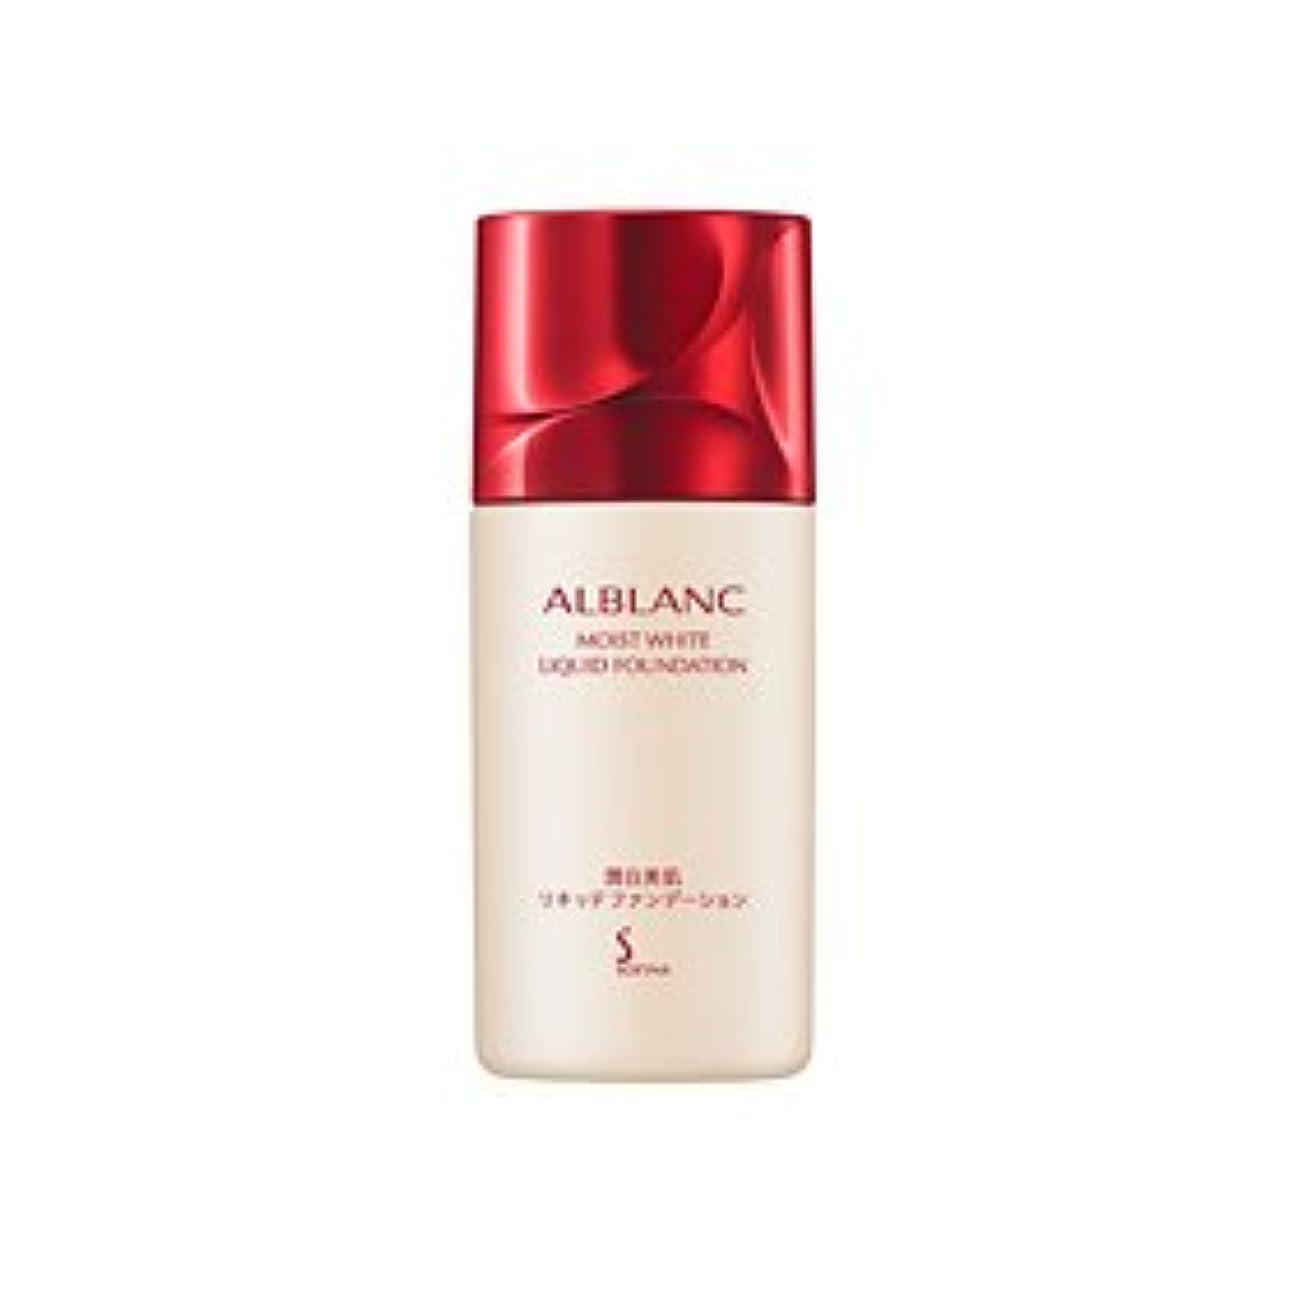 処理するアライアンスソフィーナ アルブラン 潤白美肌リキッドファンデーション ピンクオークル03